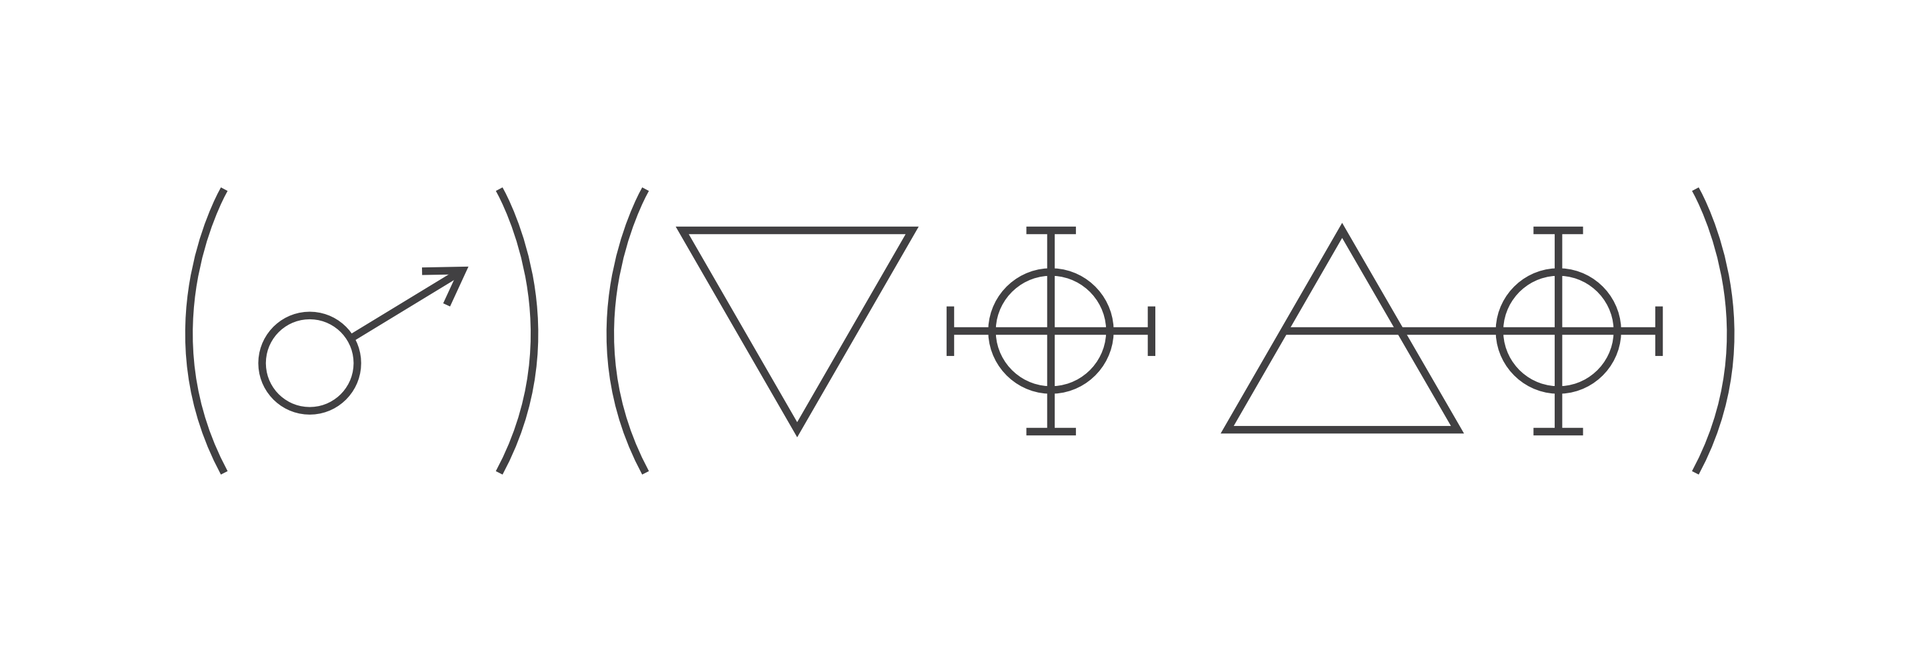 Ilustracja przedstawia osiemnastowieczny zapis reakcji chemicznej na przykładzie reakcji żelaza zkwasem azotowym. Wykorzystuje on symbole zamknięte wnawiasach ułożonych obok siebie. Zlewej strony wnawiasie znajduje się symbol planety Mars. Tuż obok, wdrugim nawiasie zapis symboliczny składa się, licząc od lewej, zodwróconego trójkąta, symbolu przypominającego krzyż celtycki oraz zwykłego trójkąta po którym następuje kolejny krzyż celtycki, ale zramieniem przecinającym trójkąt poziomo wpołowie jego wysokości.